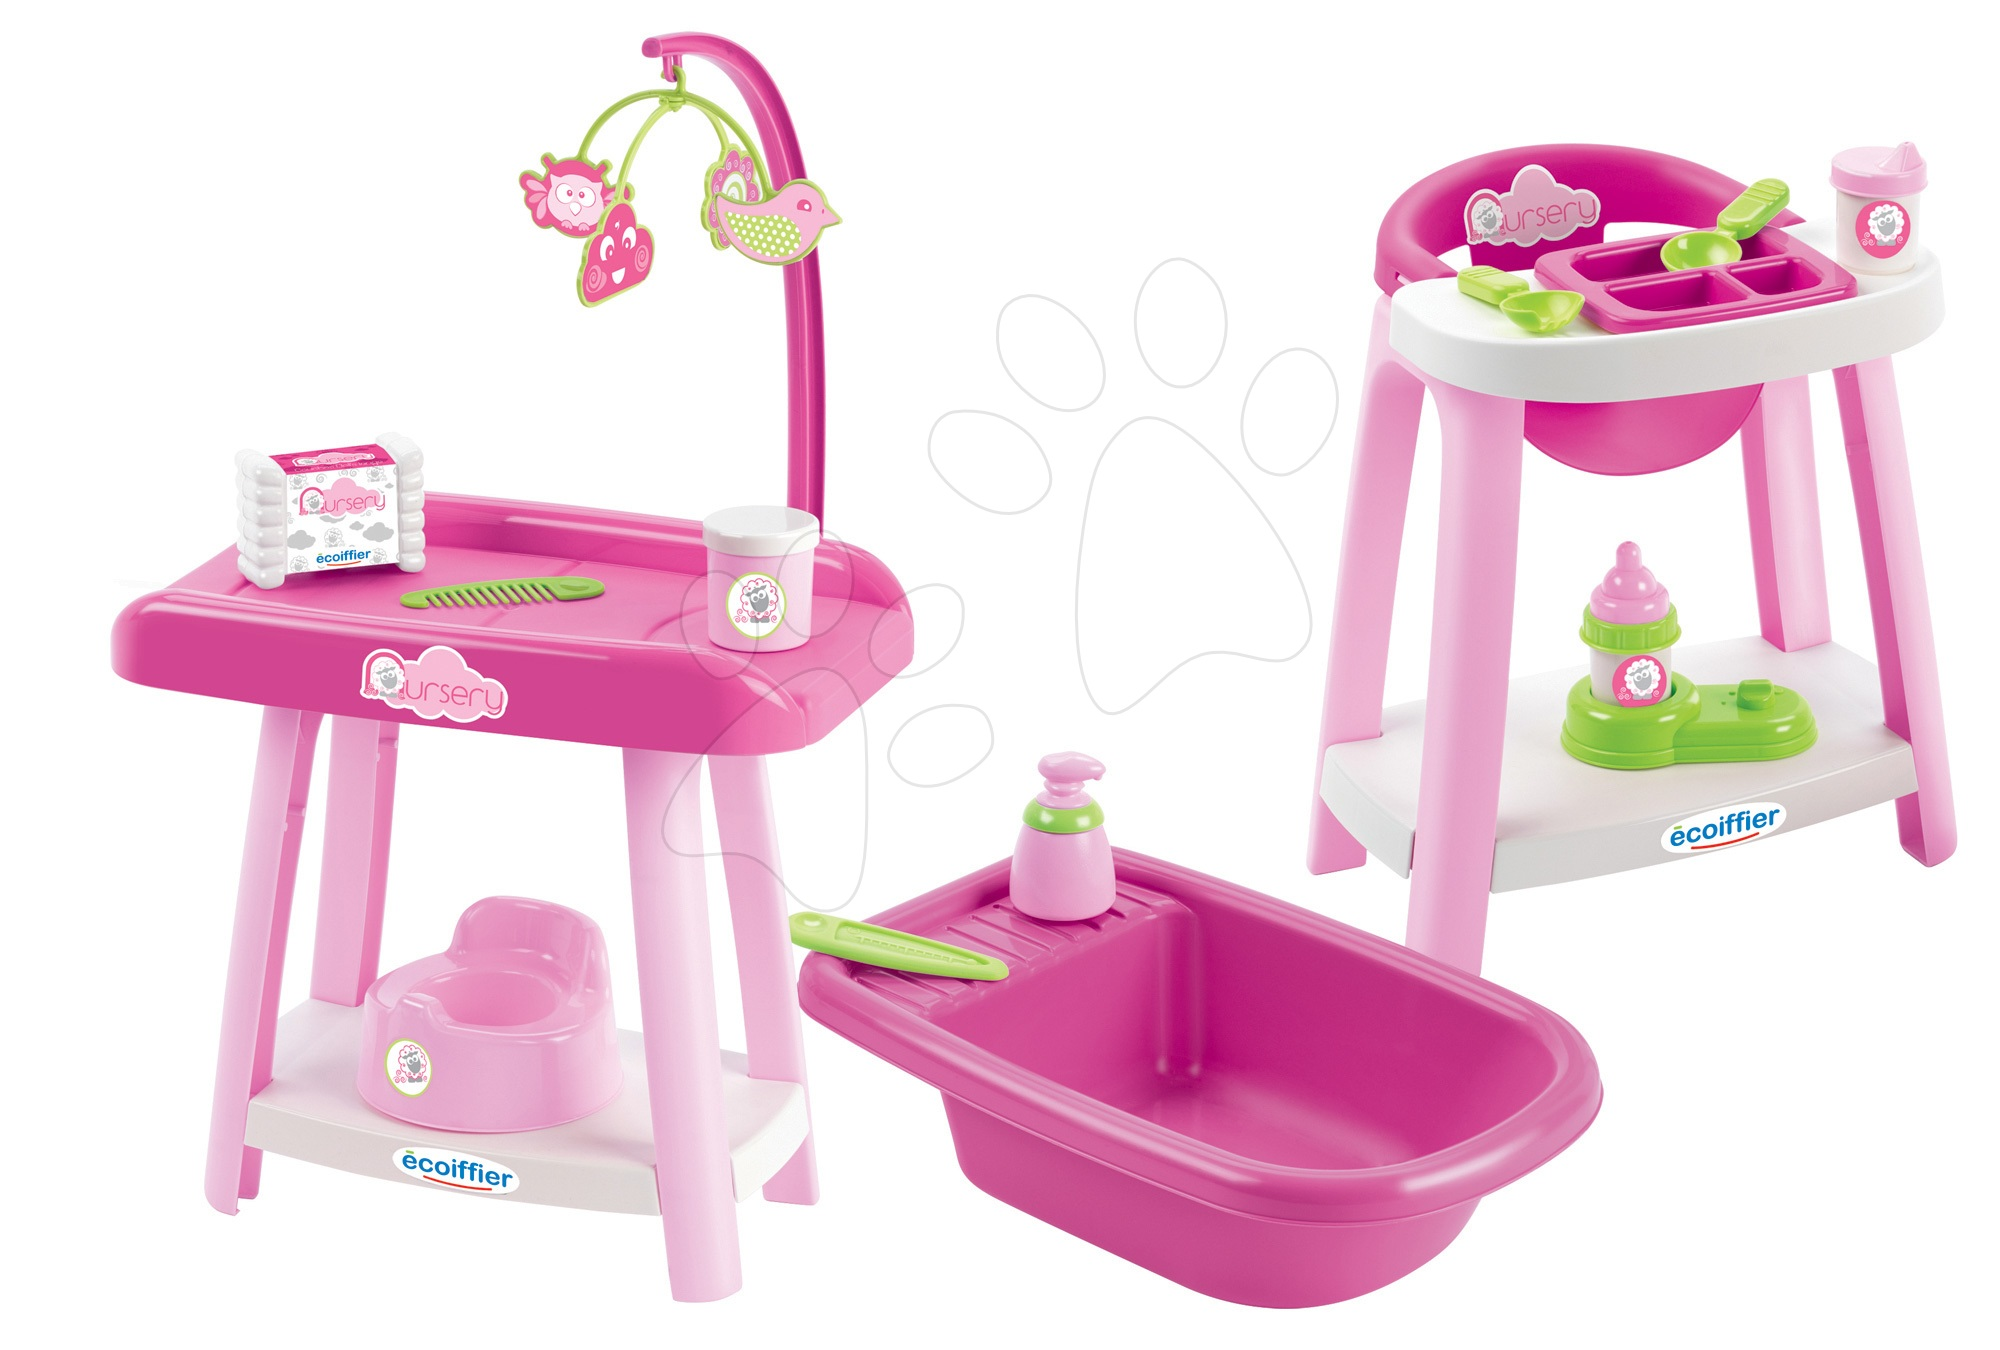 Přebalovací pult se židlí a vaničkou Nursery 3v1 Écoiffier 15 doplňků růžový od 12 měsíců